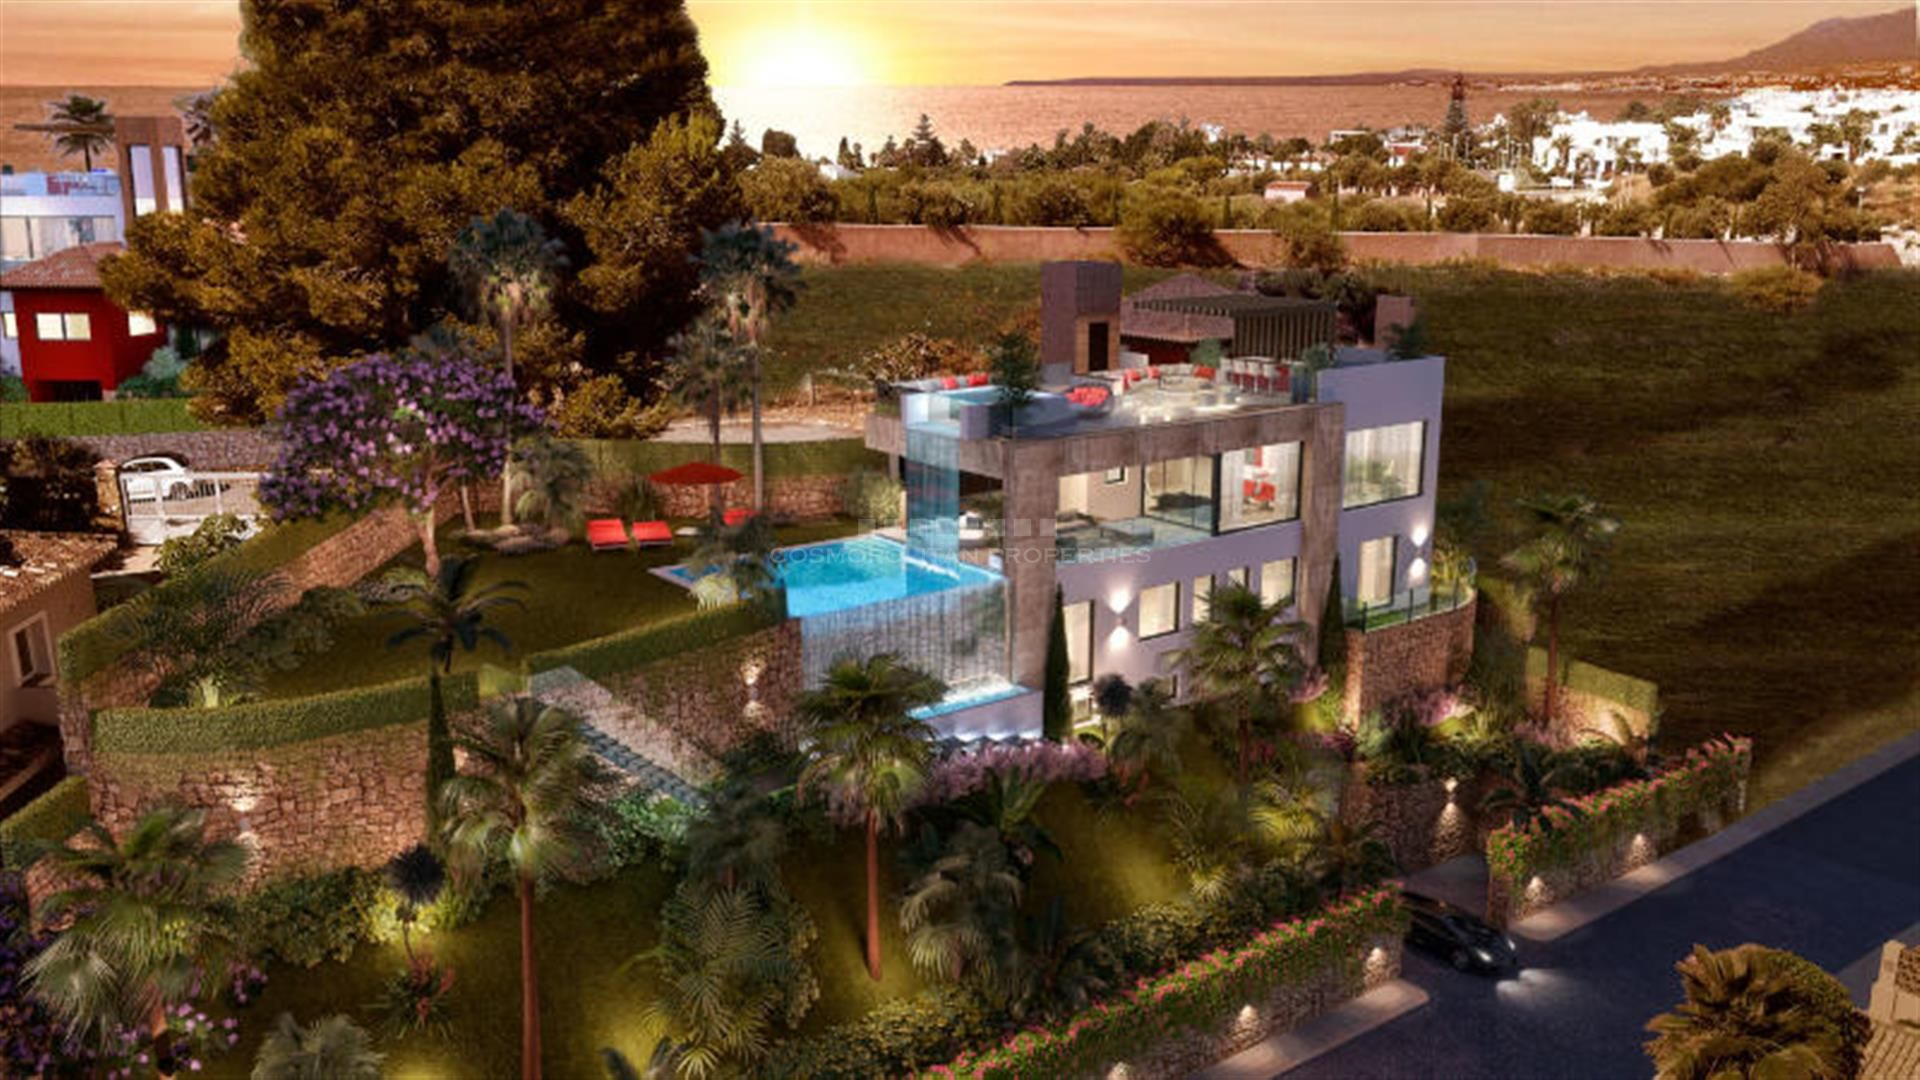 Villas unifamiliares de arquitectura mediterránea-contemporánea situadas en la bonita zona del campo de golf de Rio Real.